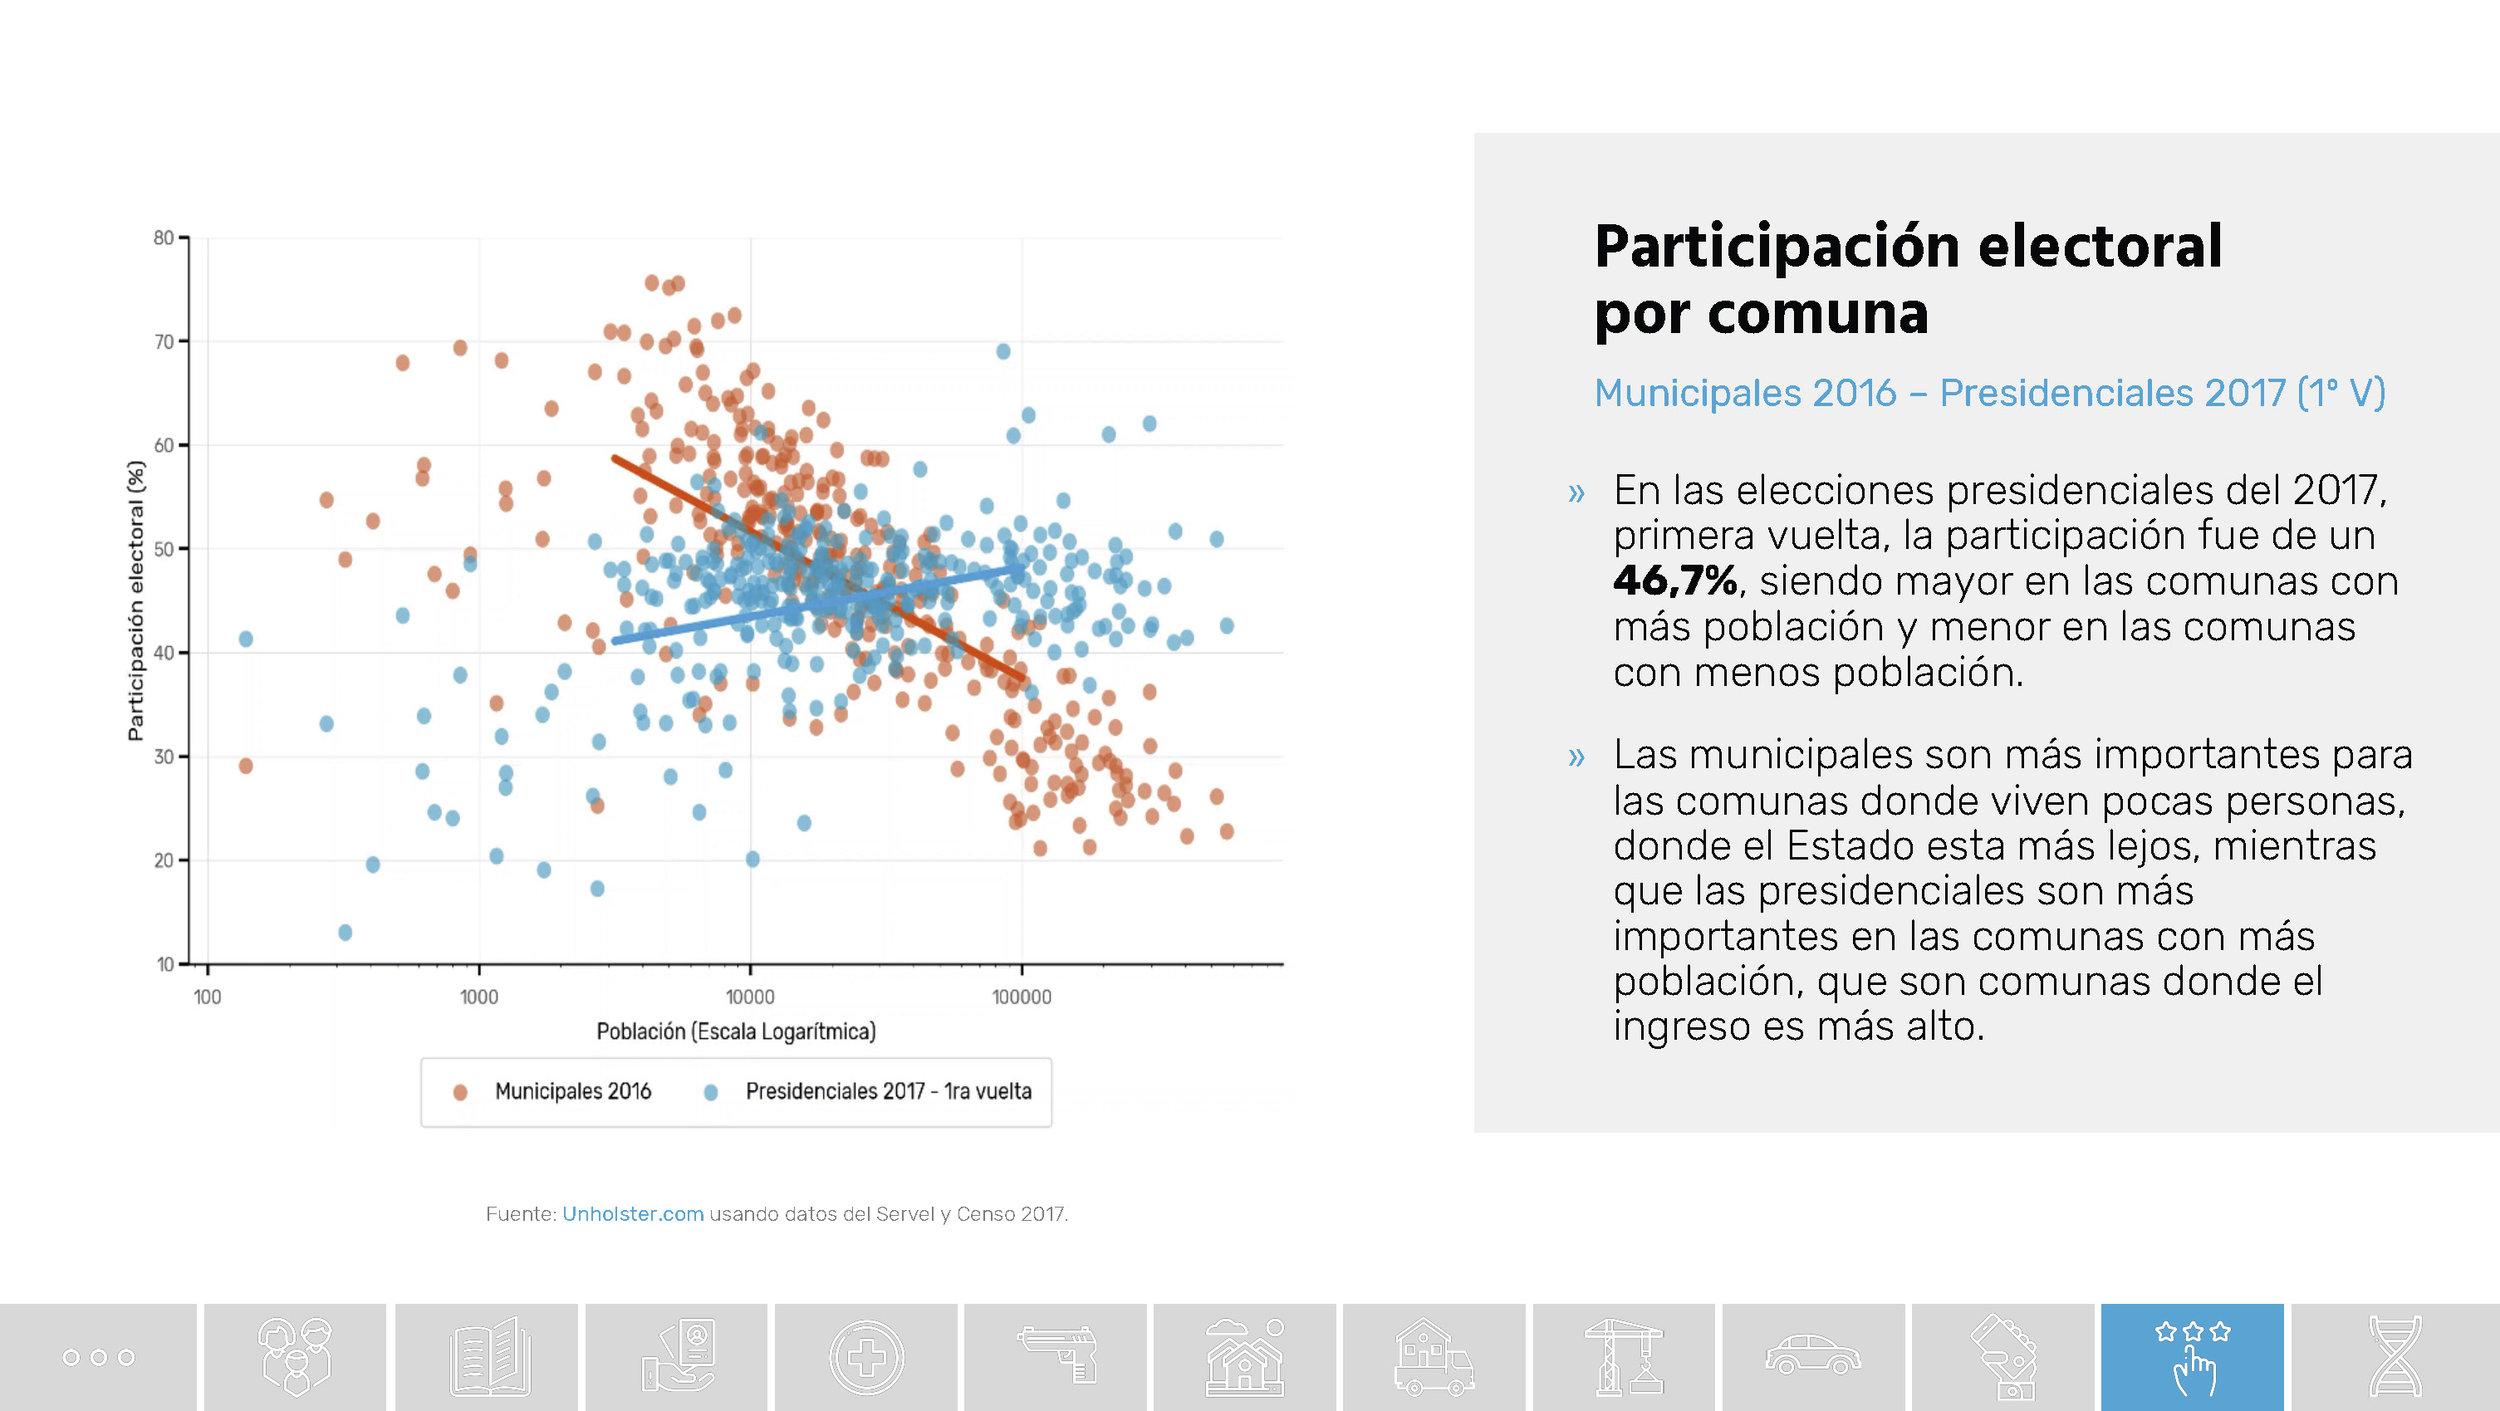 Chile_Datos de una transformacion social_Unholster_Página_78.jpg